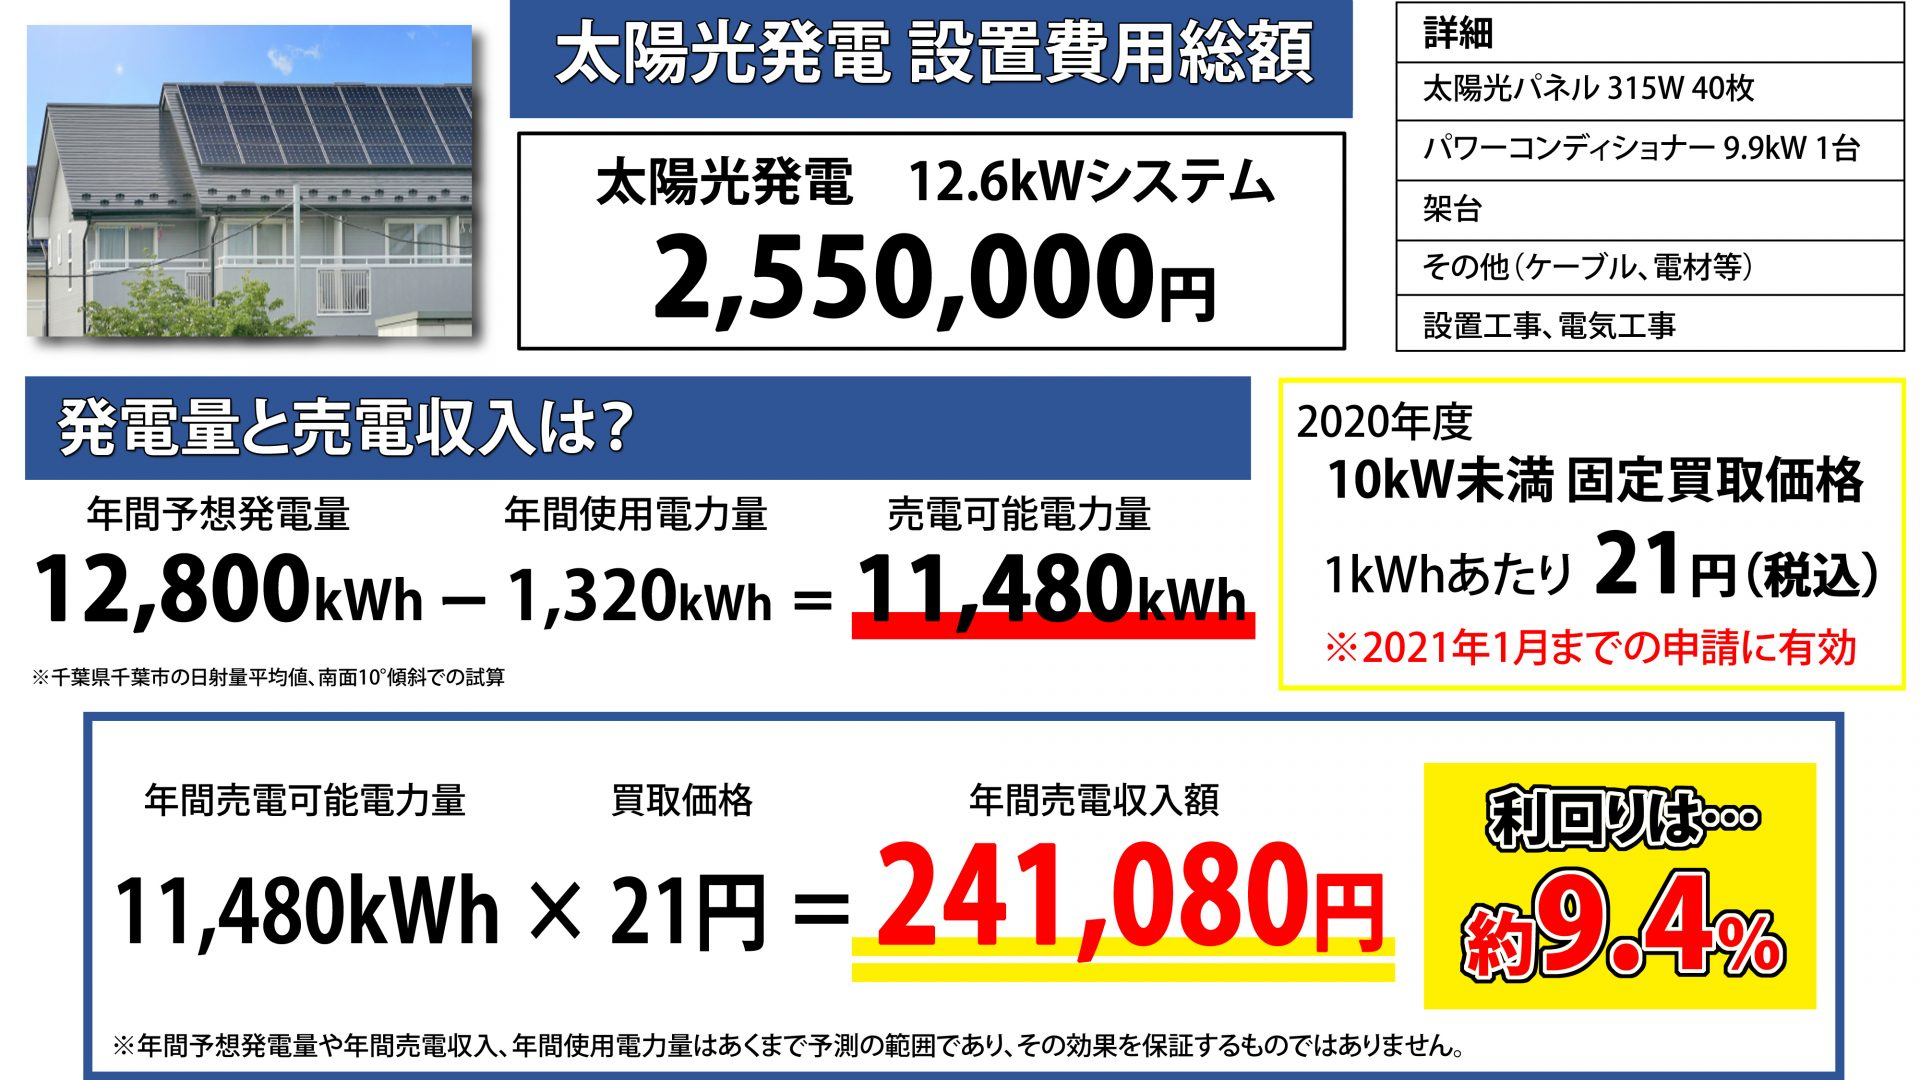 アパート向け太陽光発電の試算例、10kW未満